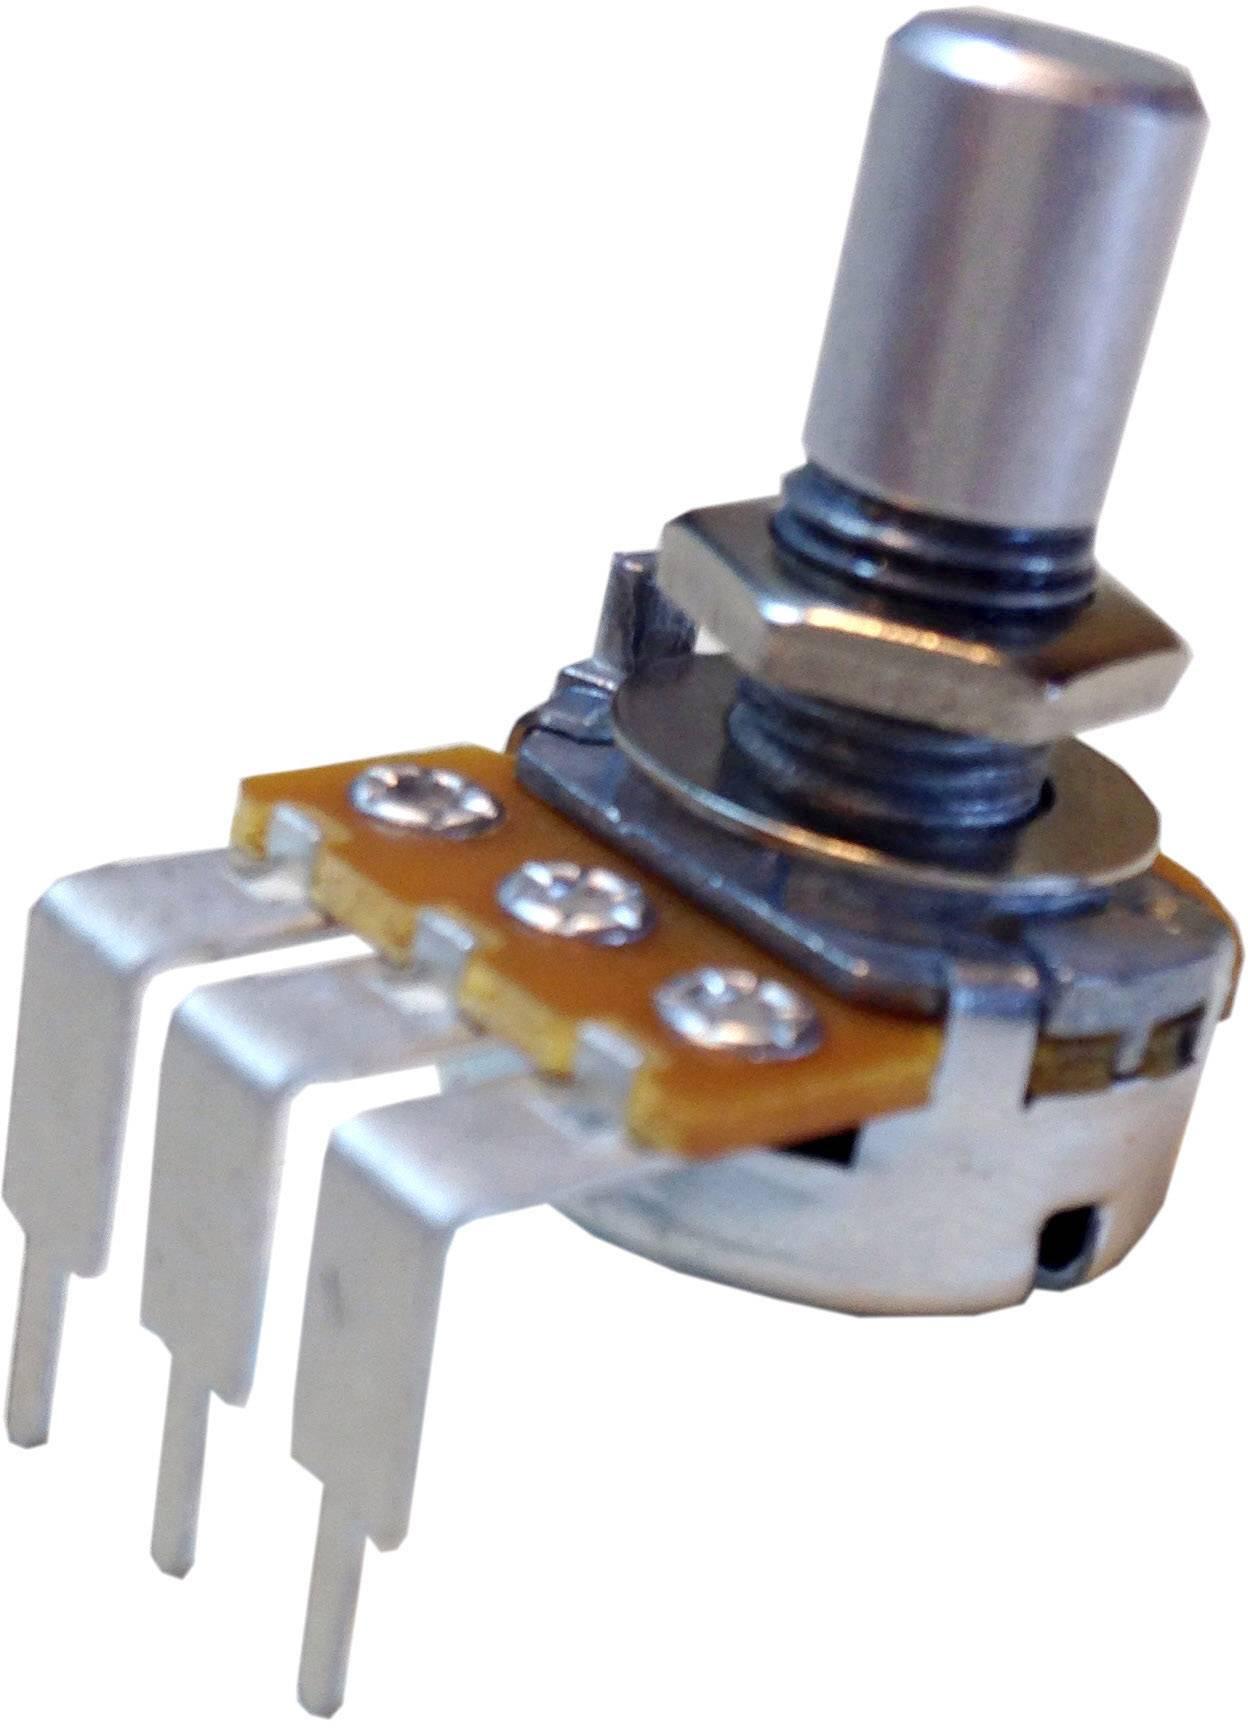 Otočný potenciometer mono Potentiometer Service RV16AF-41-15R1-B5k RV16AF-41-15R1-B5k, 0.2 W, 5 kOhm, 1 ks